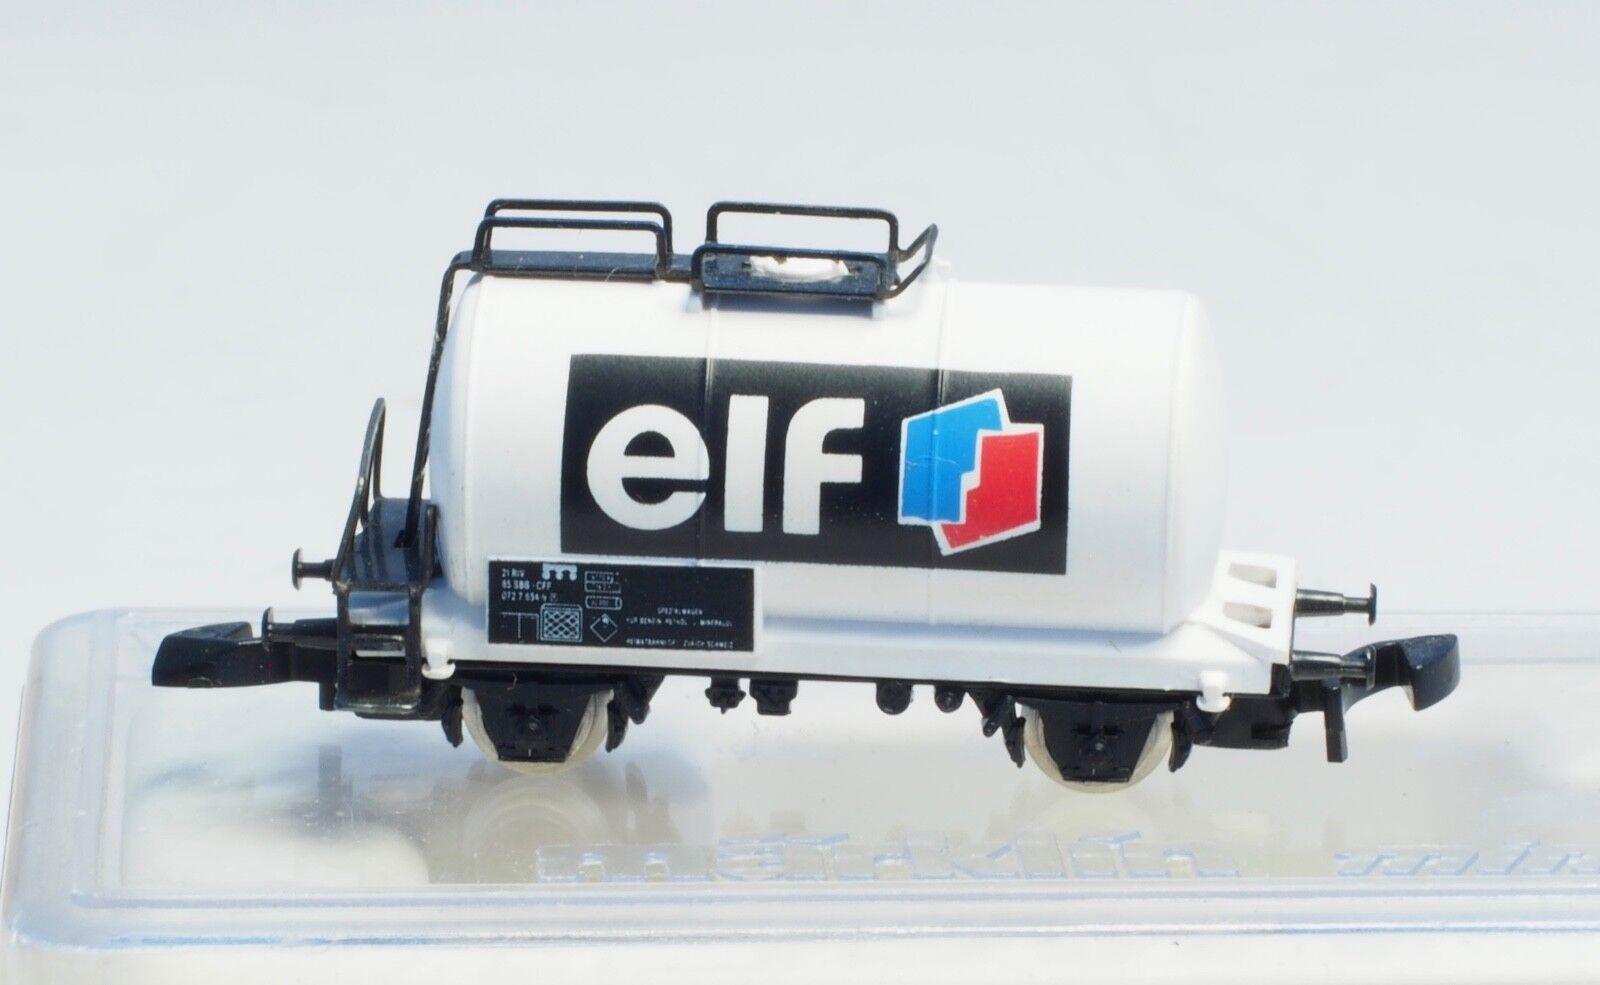 Marklin Z escala Elf suizo SBB sistema de financiación compensatoria muy limitada de lanzamiento de coche del tanque